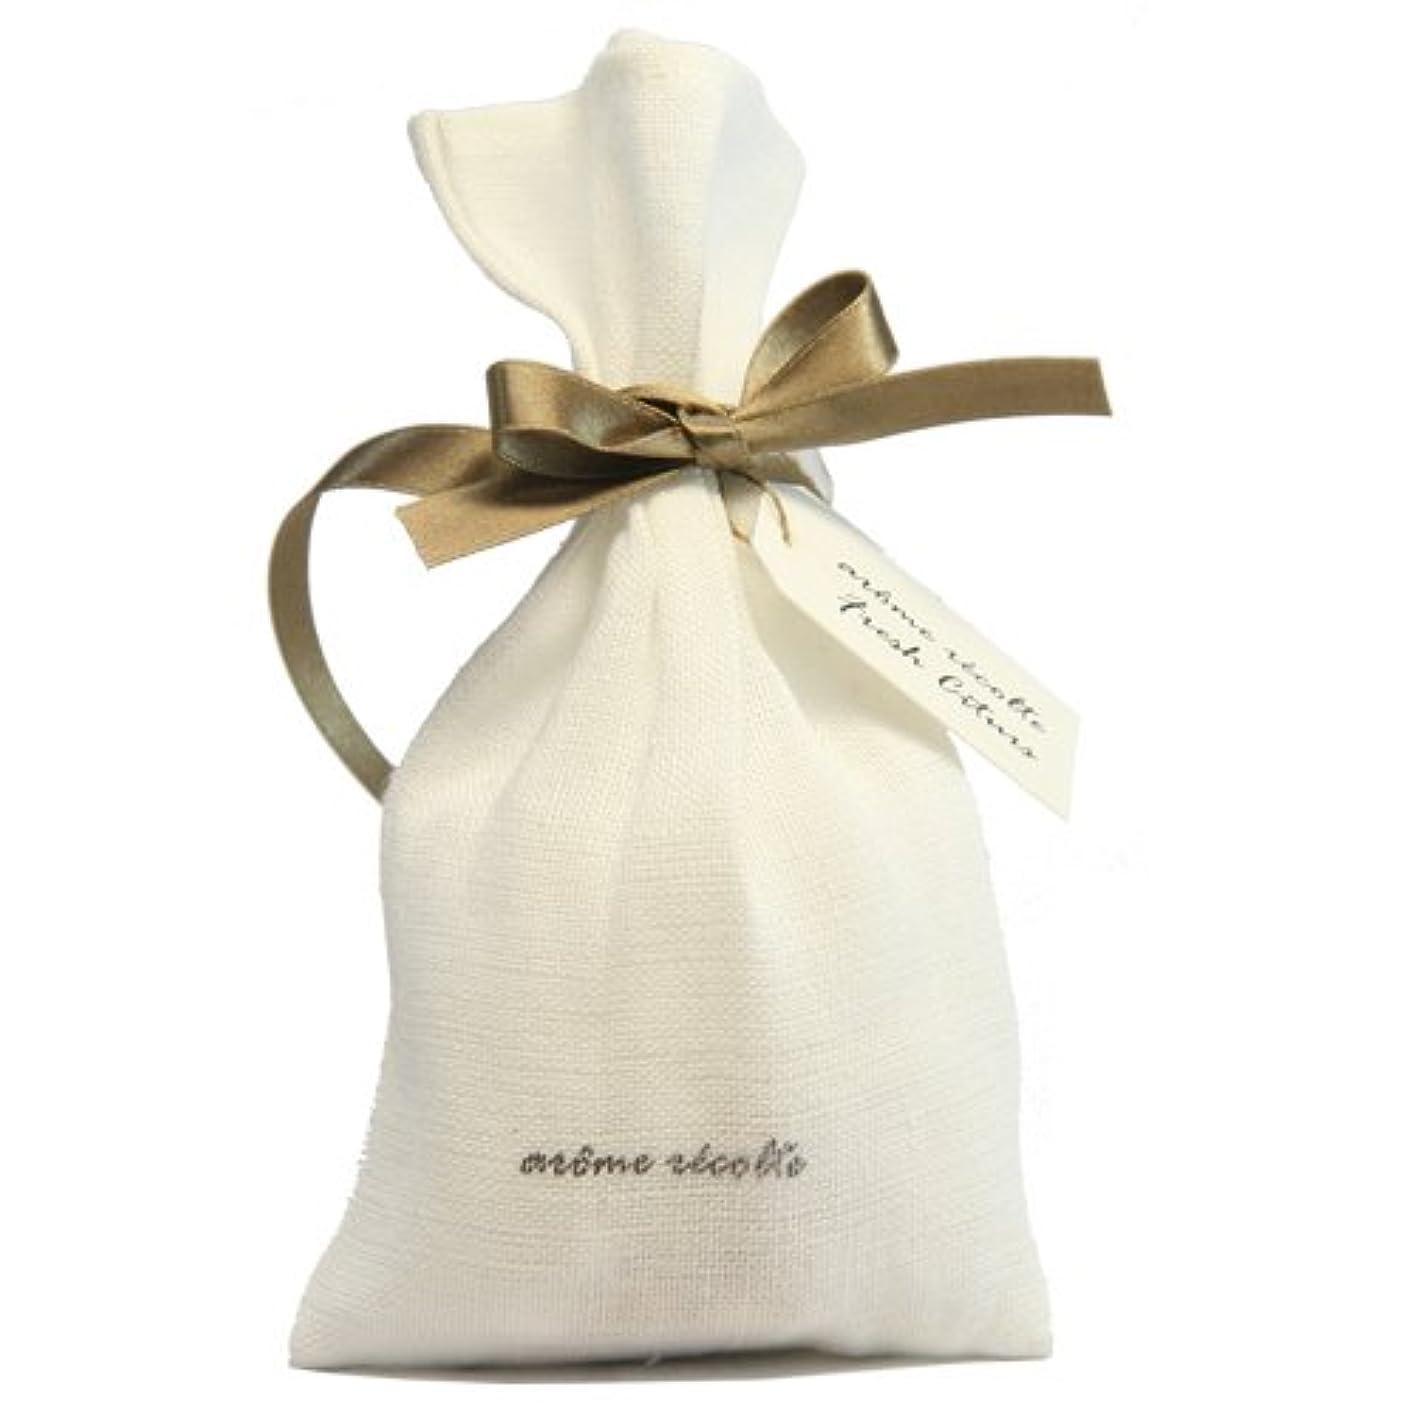 欲しいです学んだ振動するアロマレコルト ナチュラルサシェ(香り袋) フレッシュシトラス【Fresh Citurs】 arome rcolte